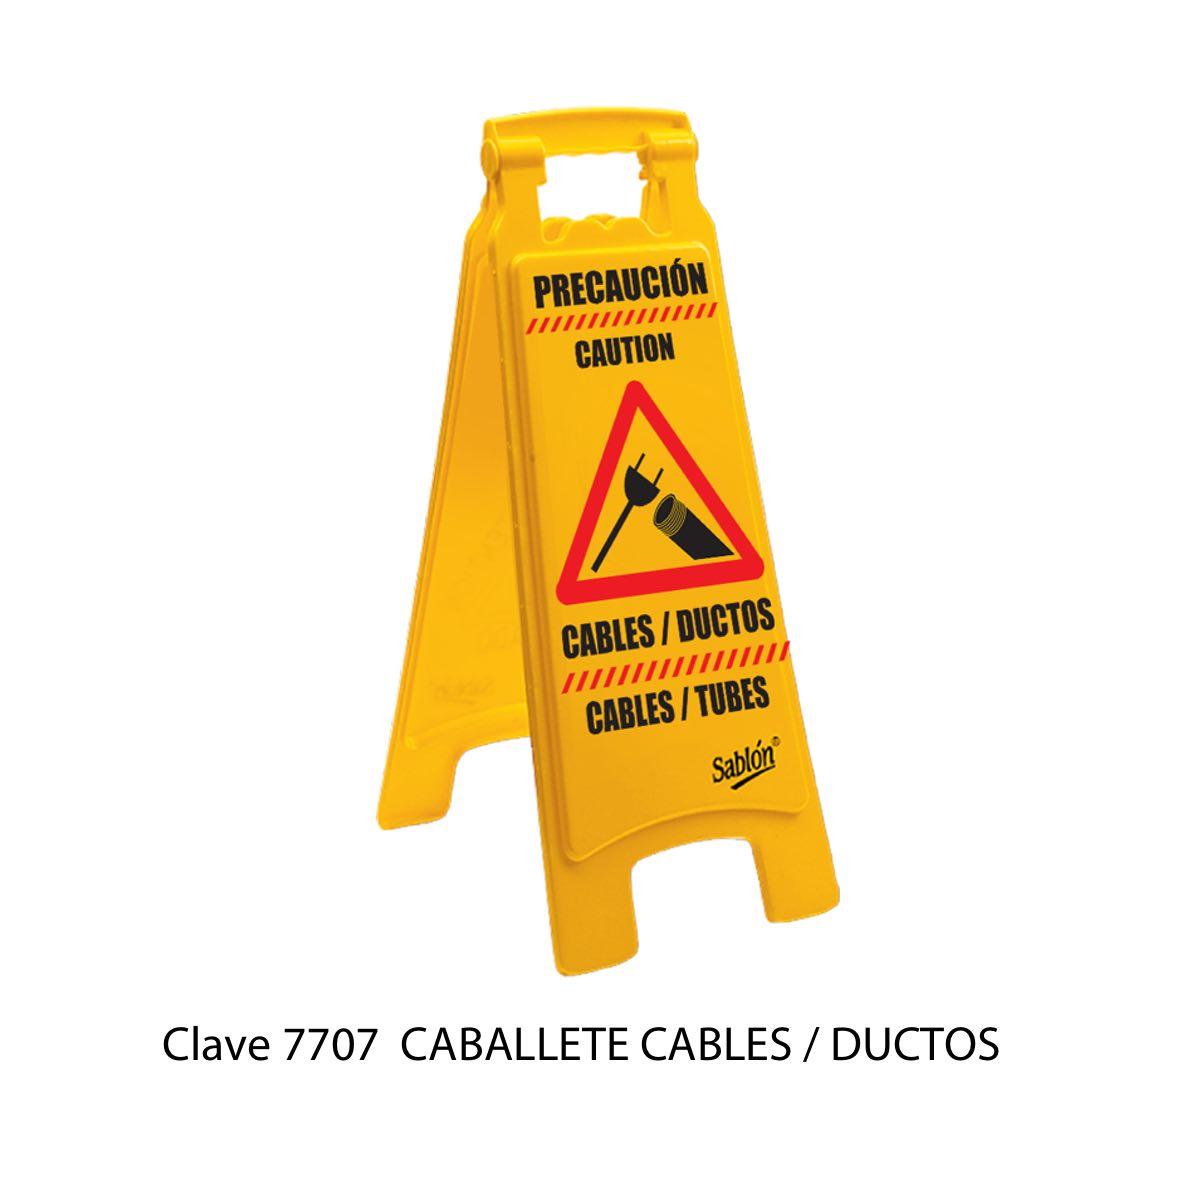 Caballete Precaucion Cables - Ductos Modelo 7707 - Sablón